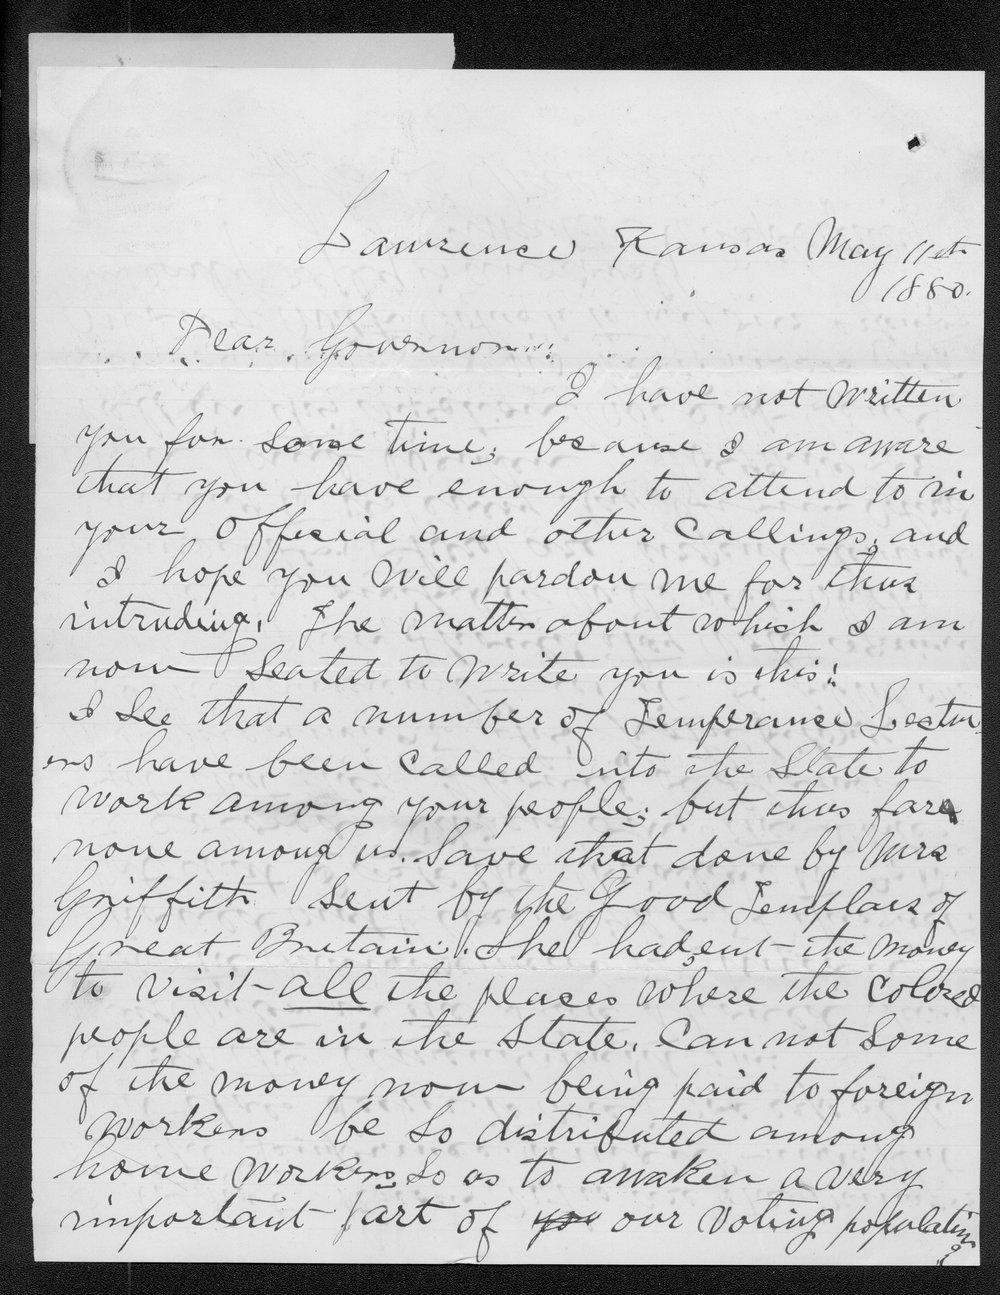 John Waller to Governor John St. John - 1